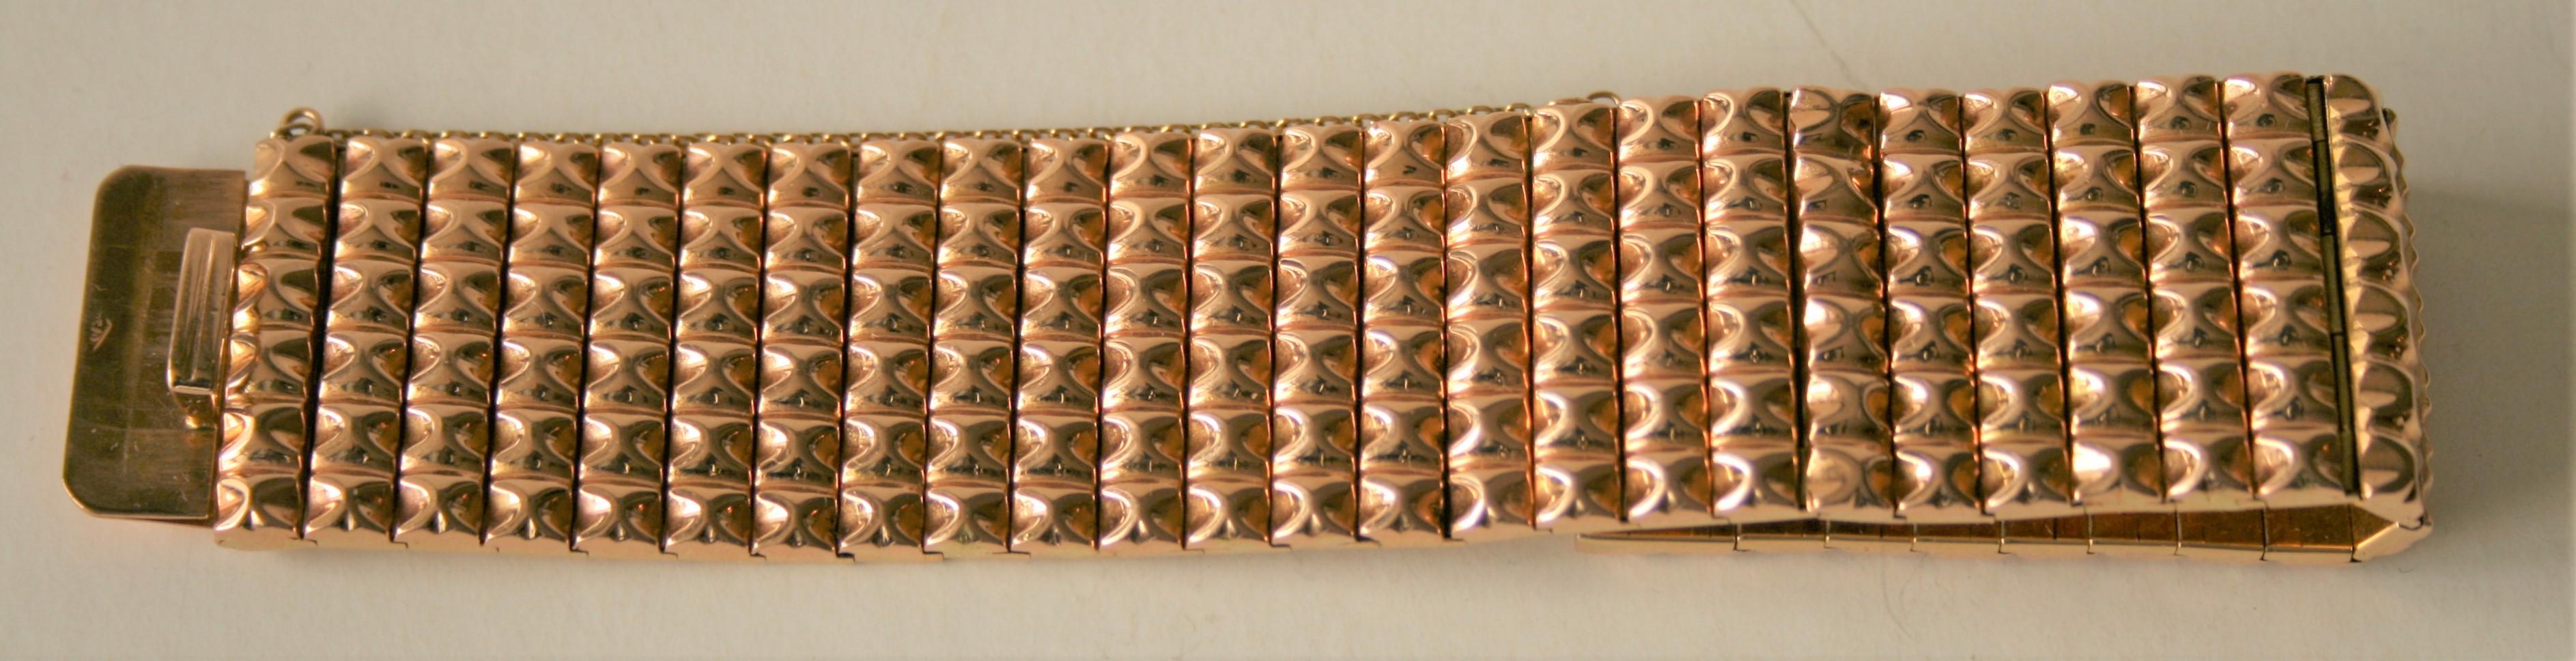 Bracelet en or 18 ct - Poids : 60,31g - - 18 kt gold bracelet - Weight: 60.31g - - [...]